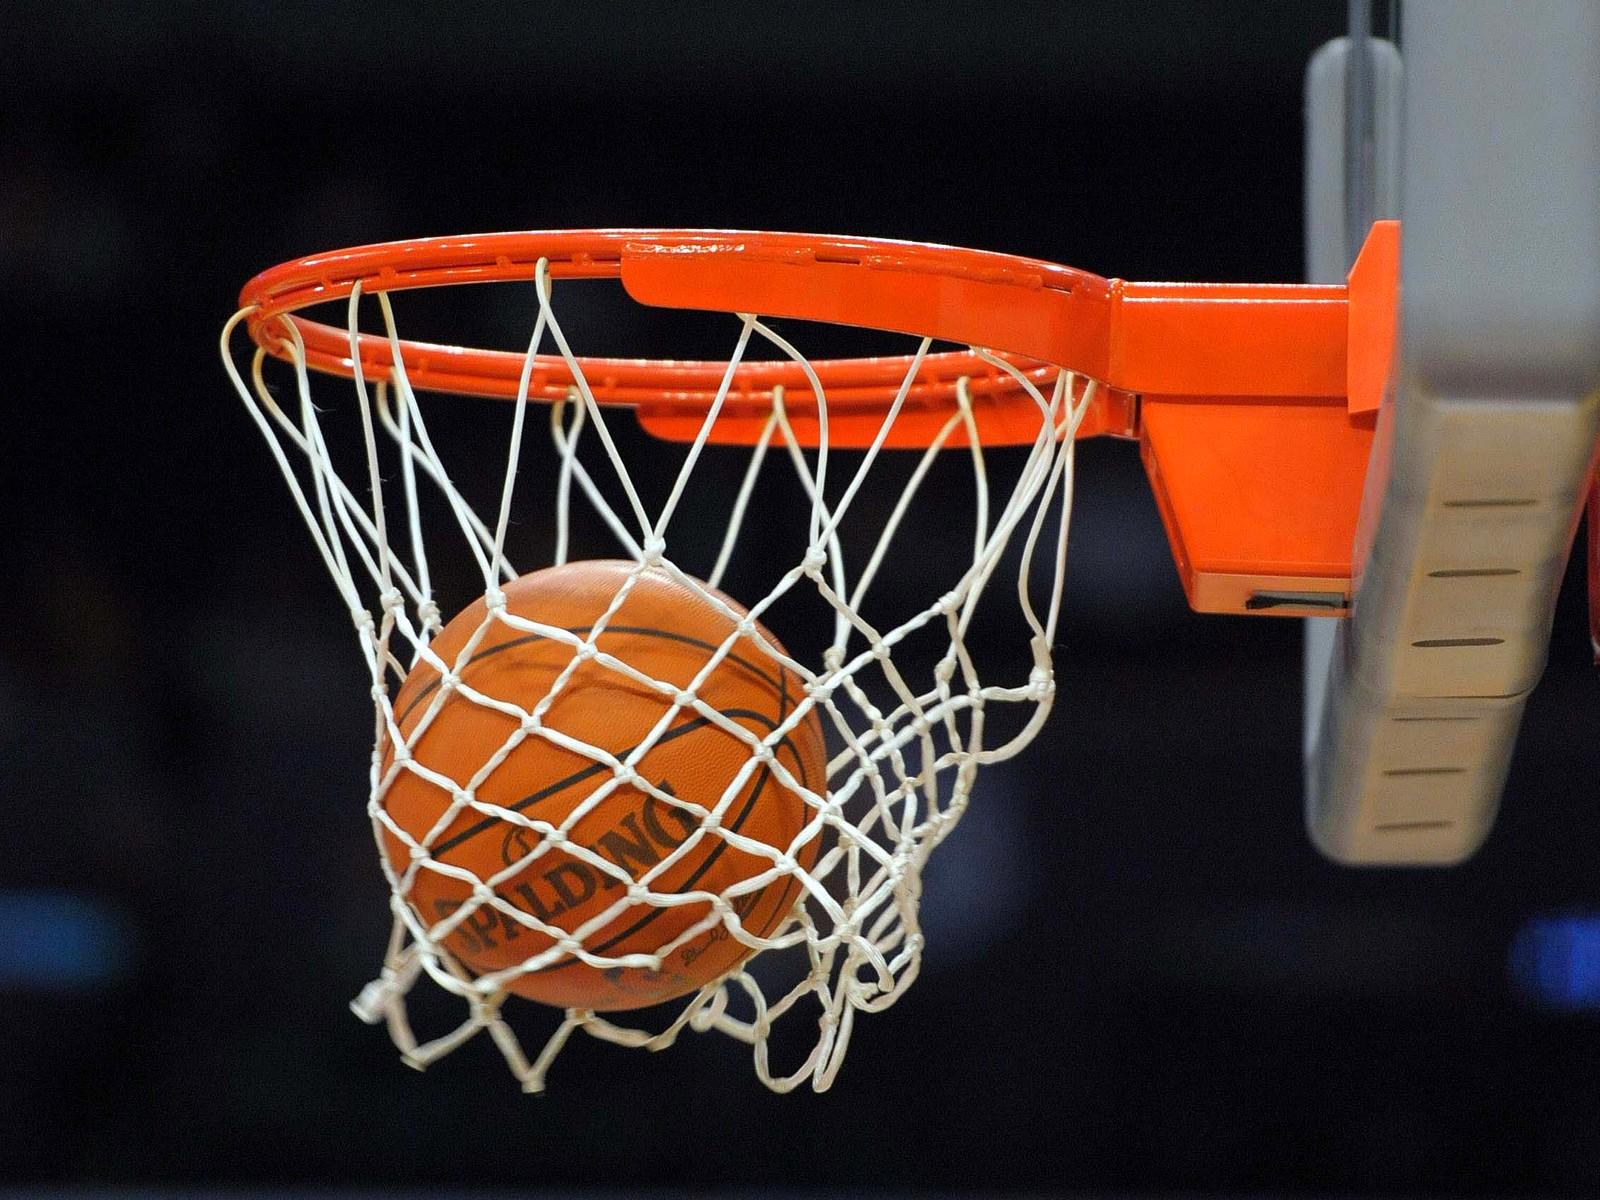 Jó szériában felnőtt kosárlabda csapataink